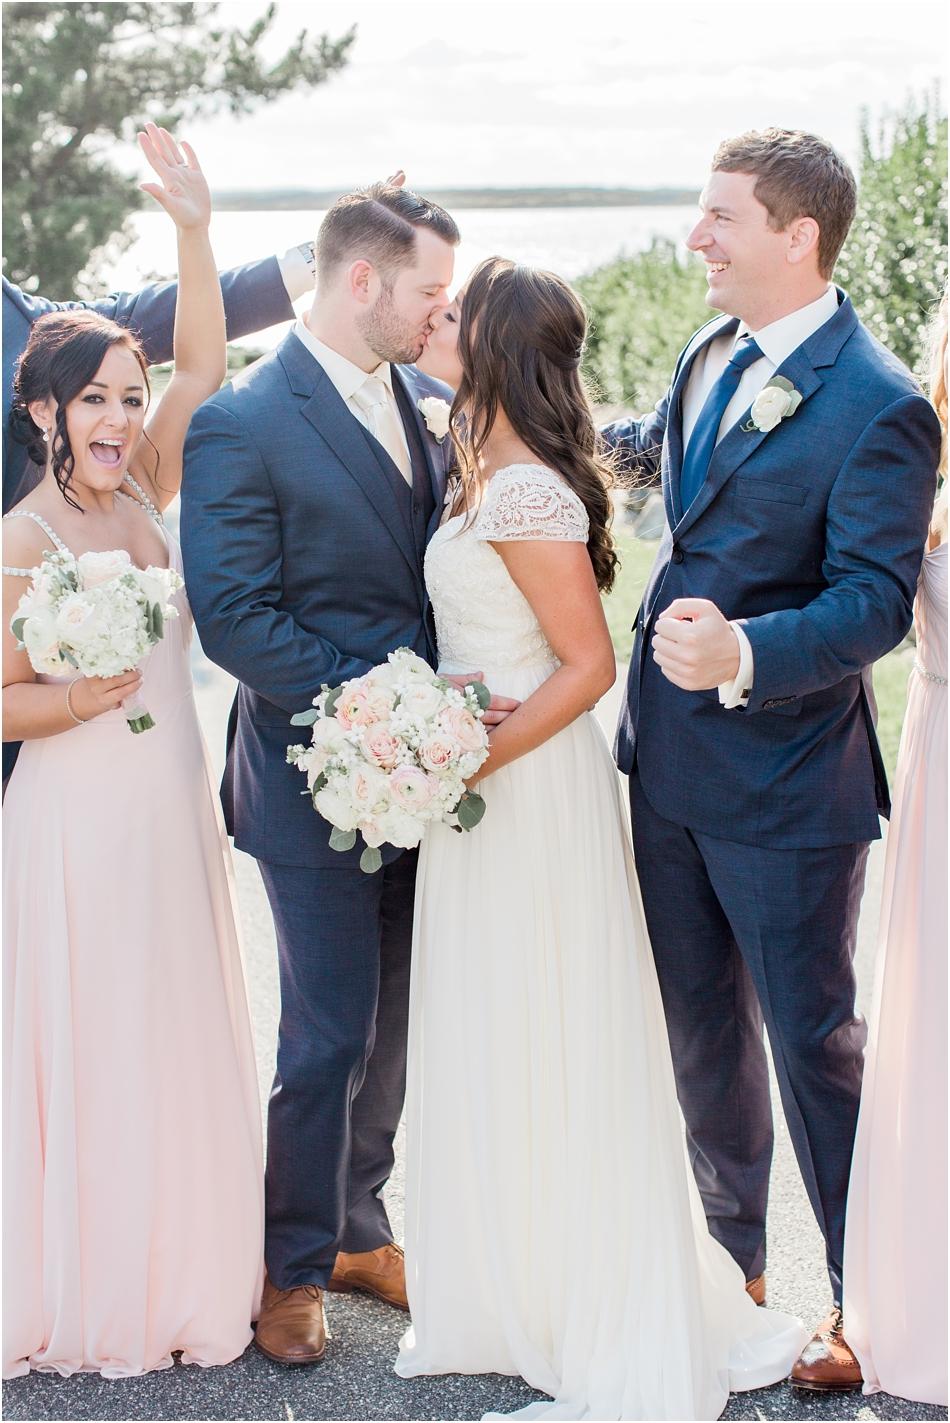 popponessett_inn_new_seabury_natasha_matt_cape_cod_boston_new_england_wedding_photographer_Meredith_Jane_Photography_photo_2435.jpg